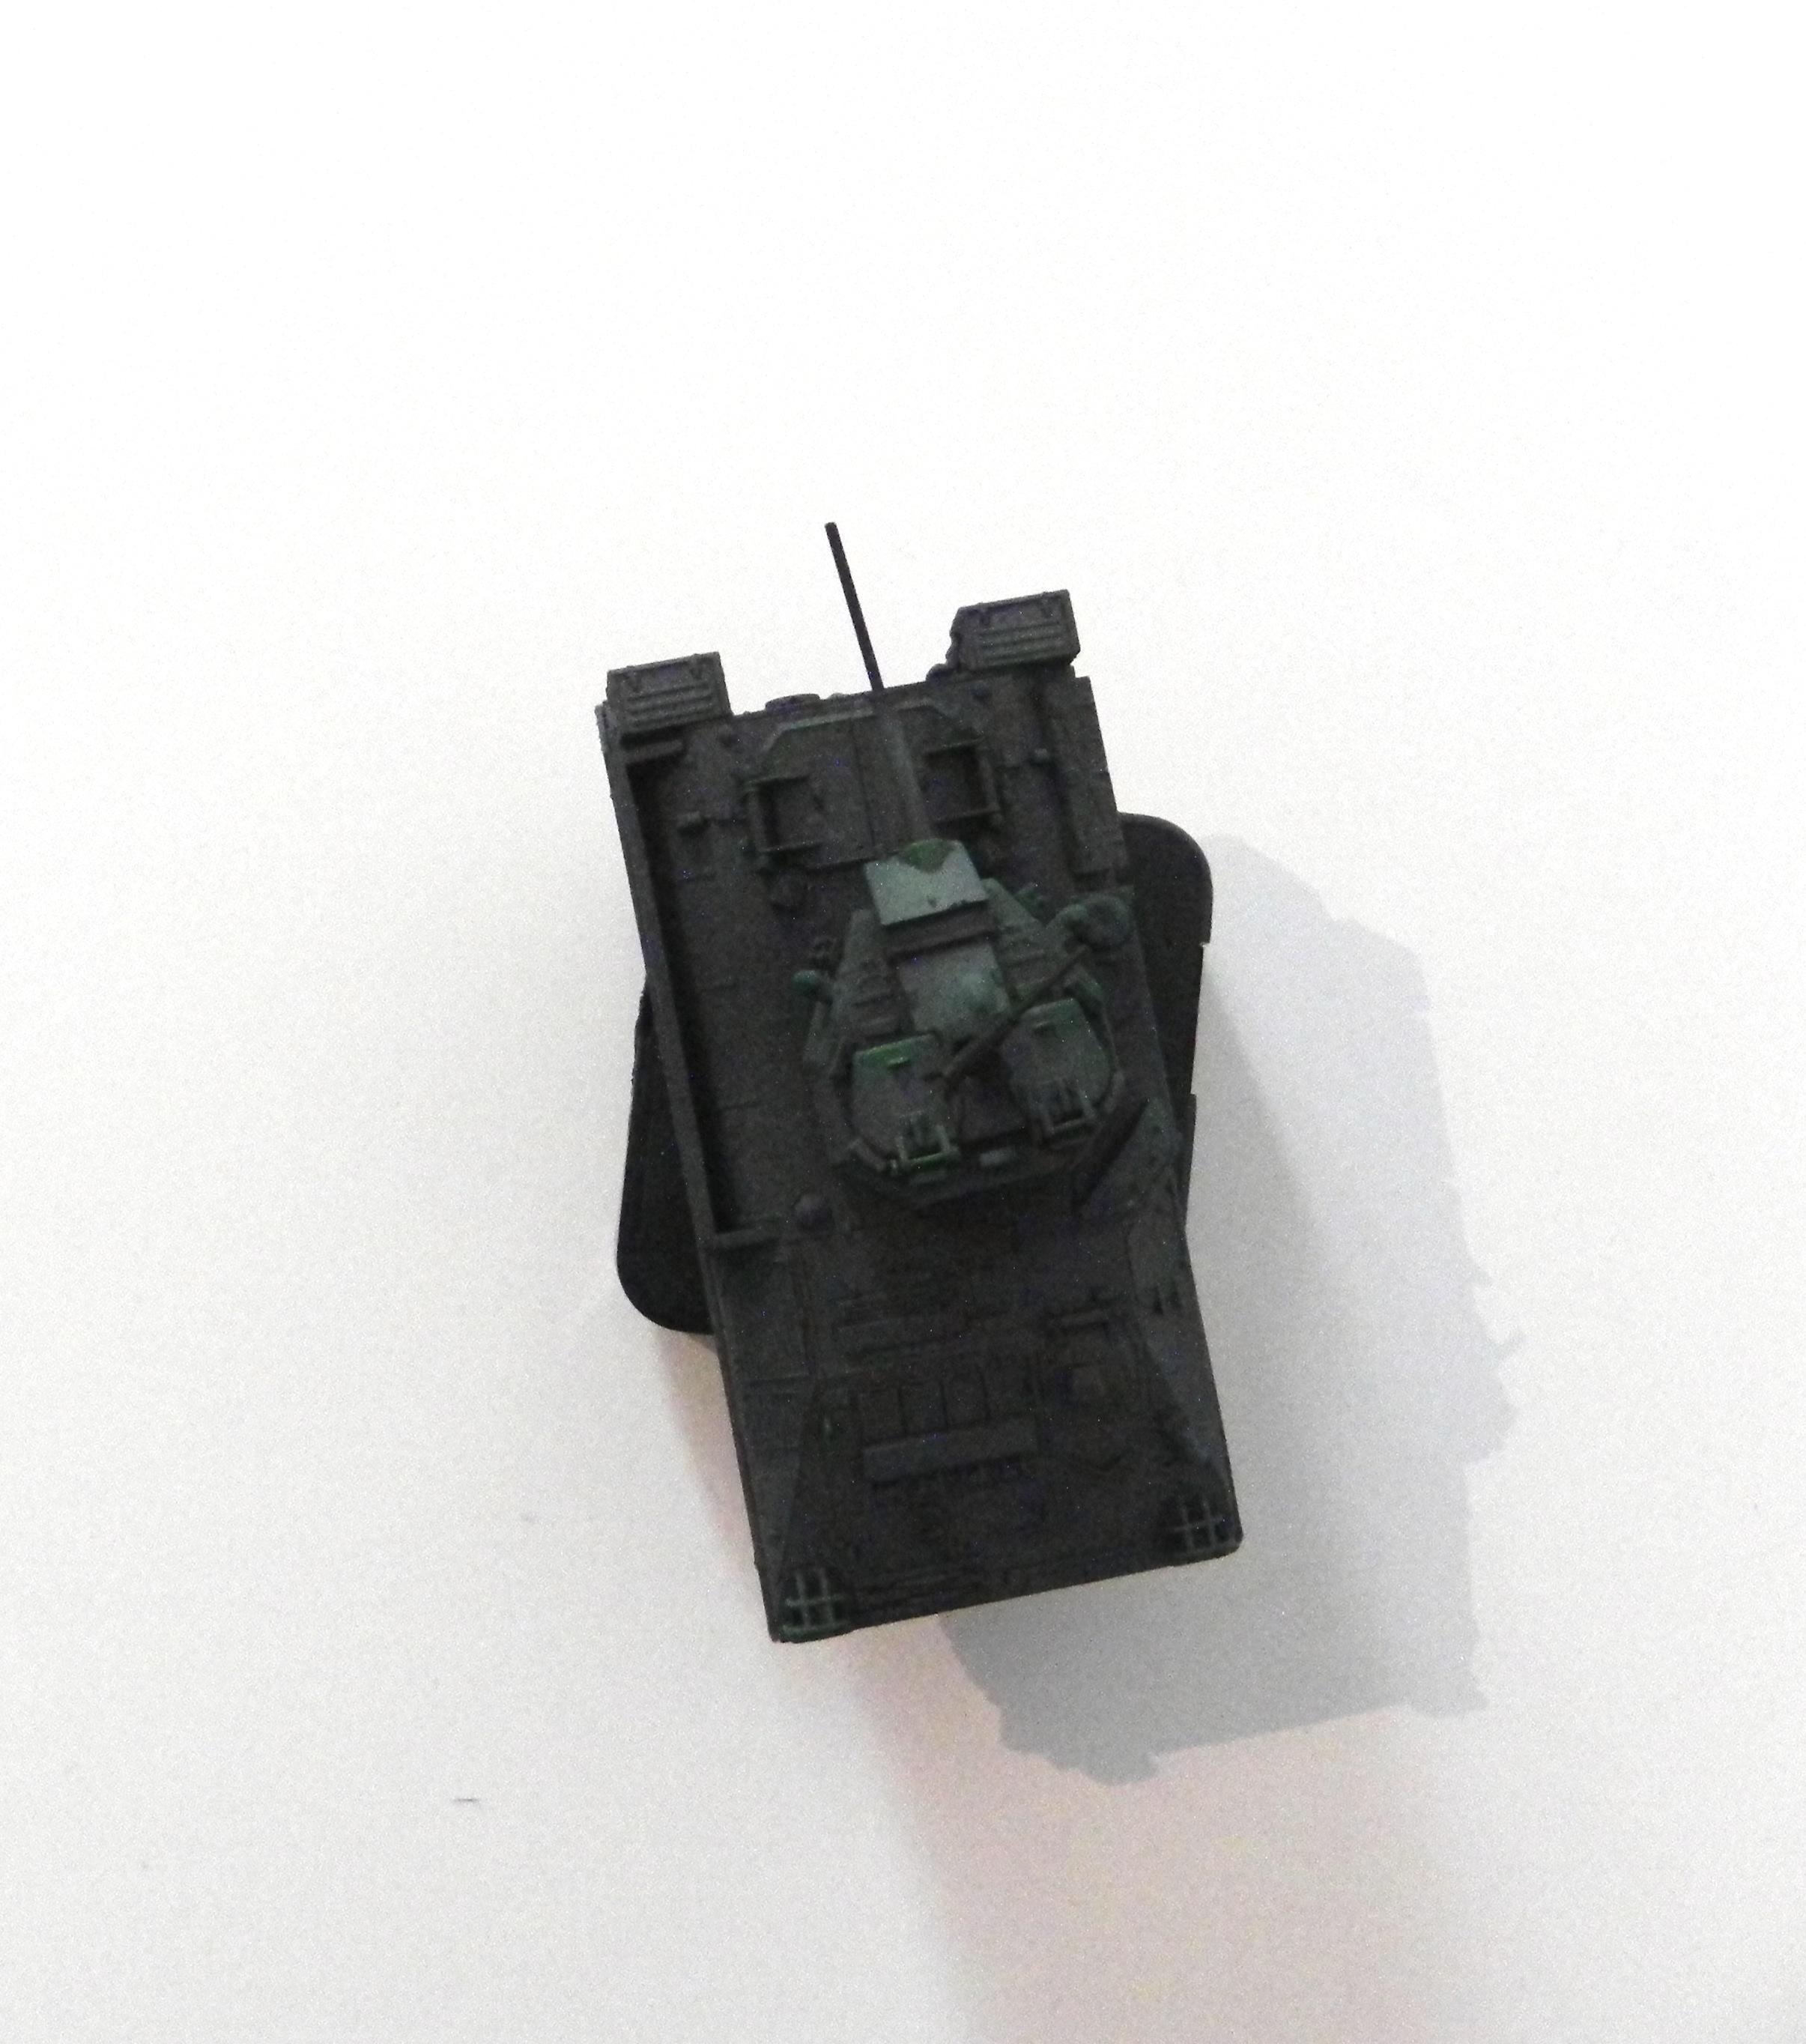 Le tank y passe - 2016 Uurwerkmechanisme en maquette 6 x 10 x 10 cm